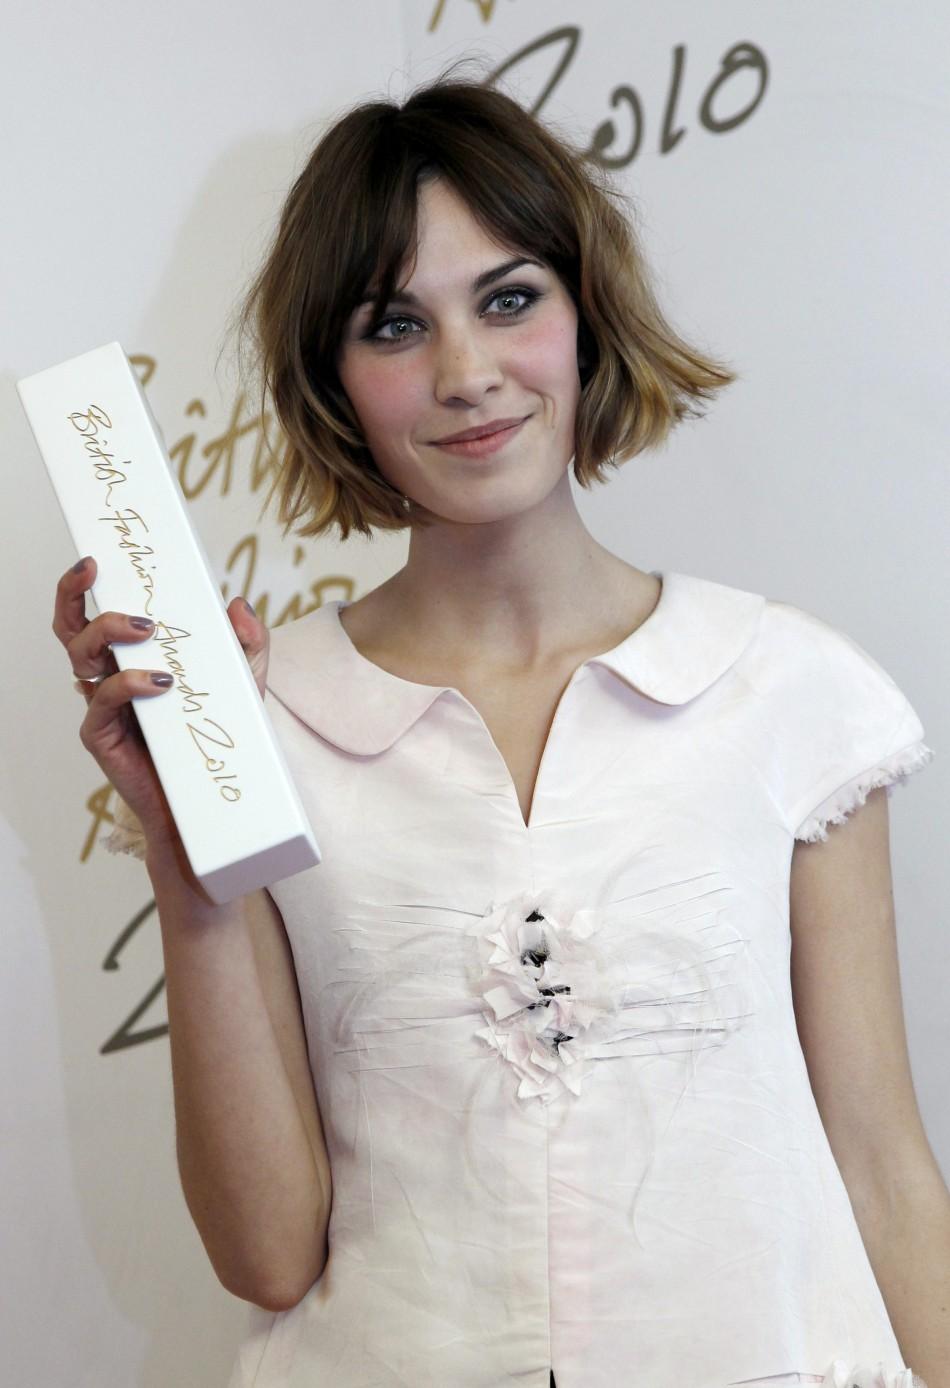 British Fashion Awards 2011: British Style Award - Alexa Chung